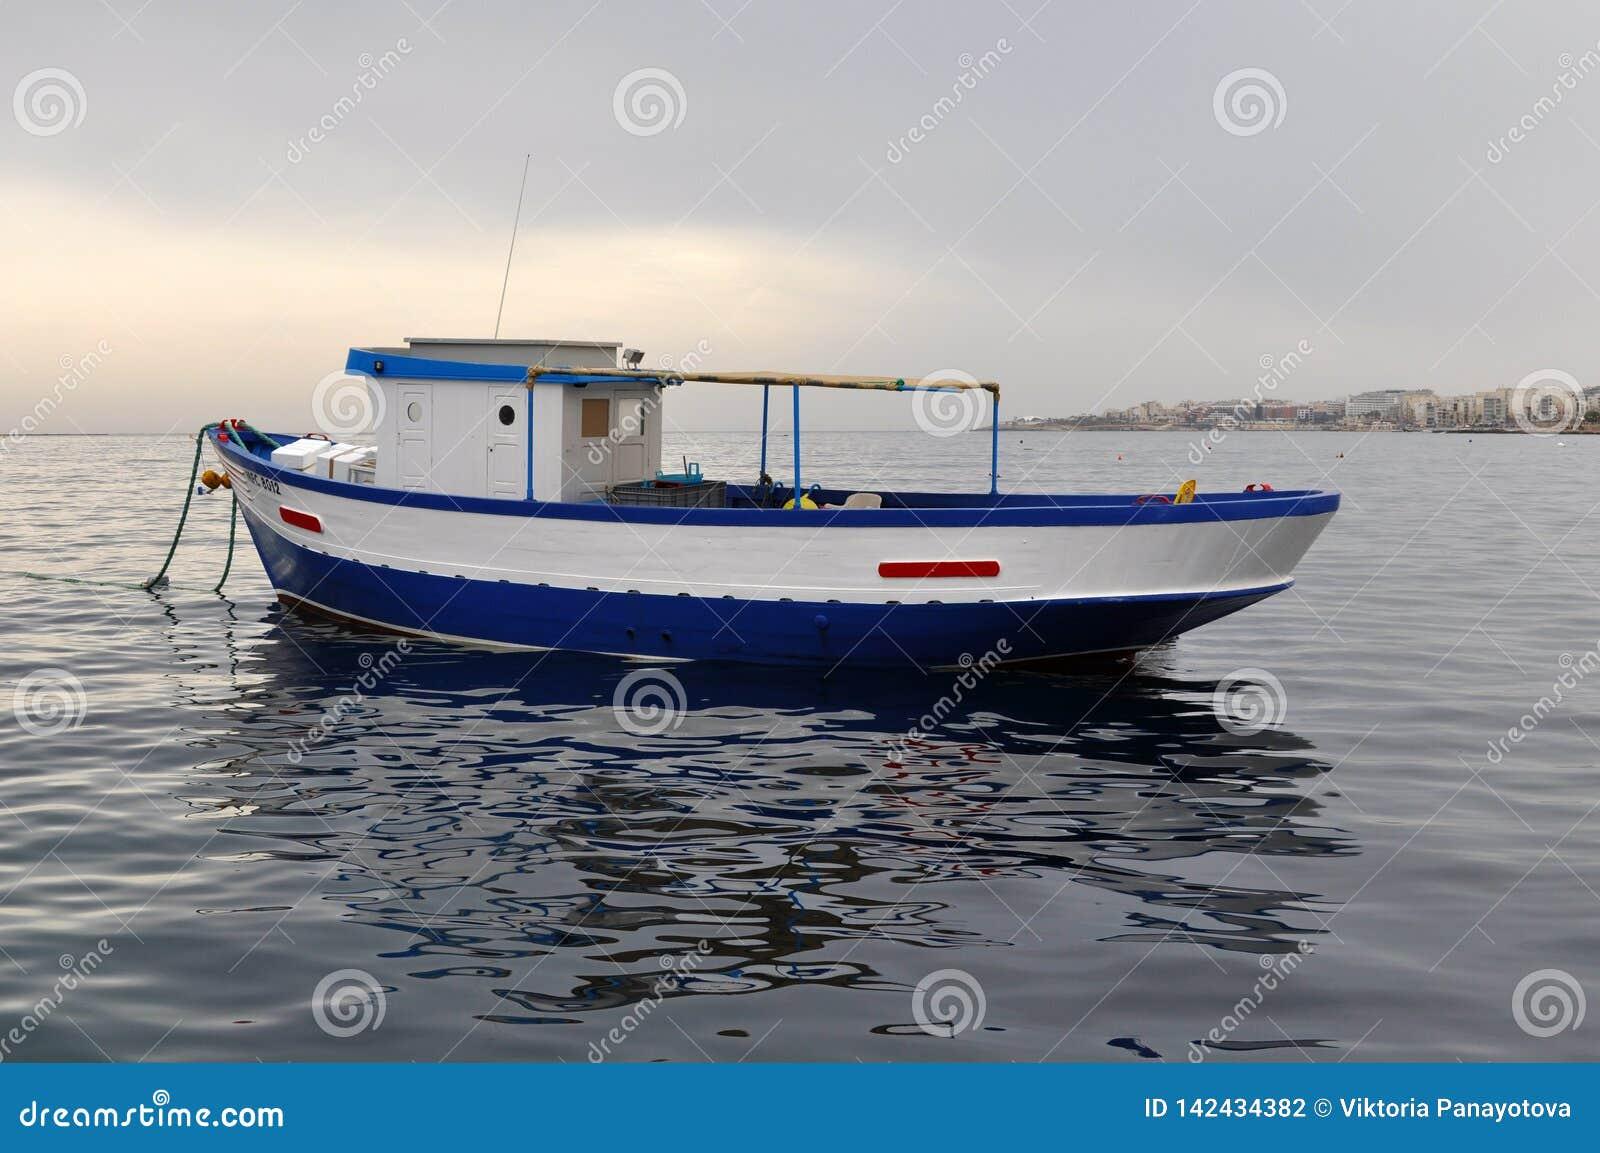 Blue oat in the sea